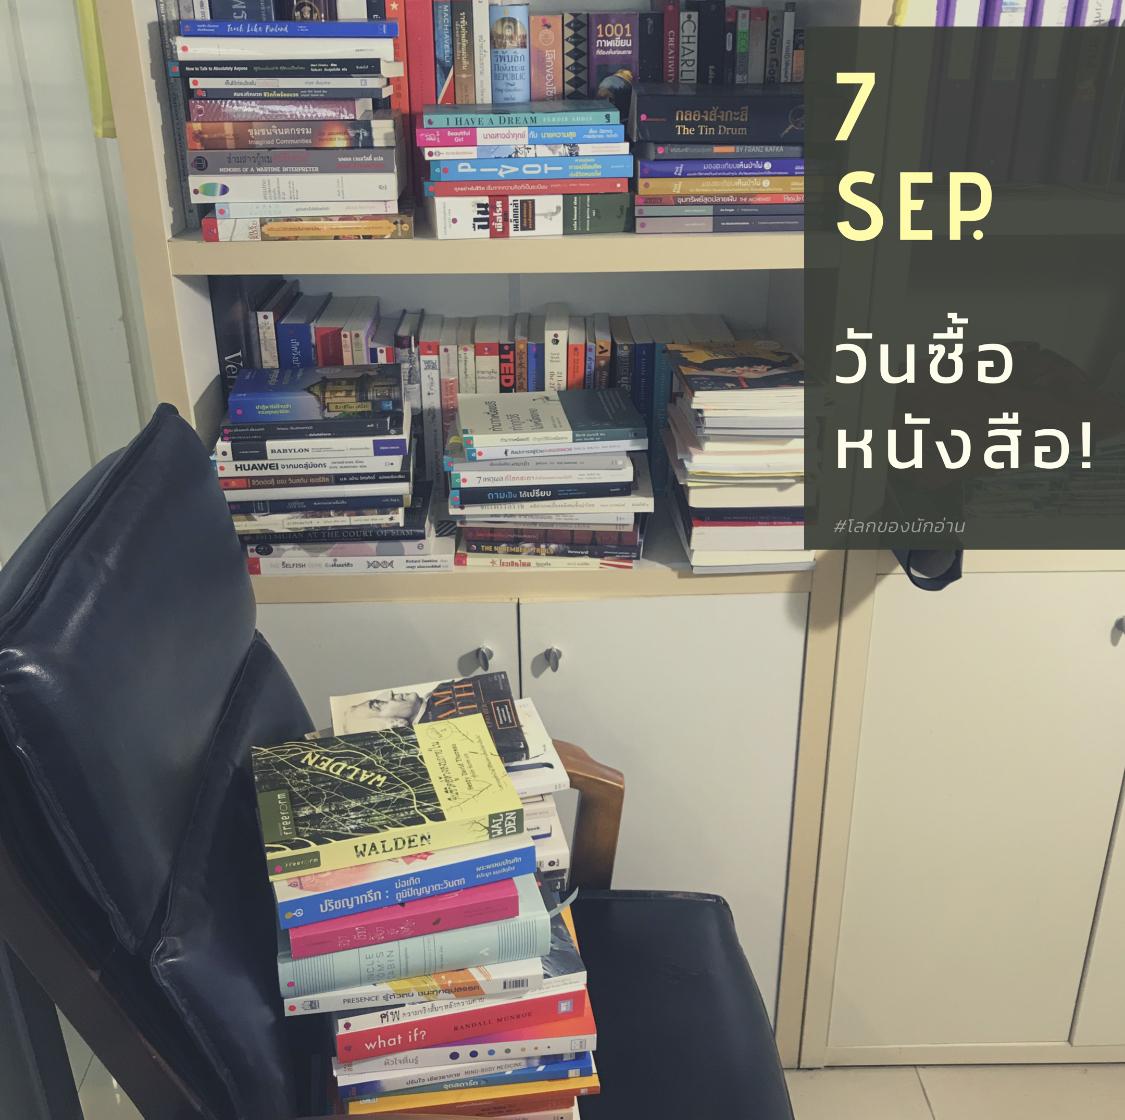 7 กันยายน : Buy a Book Day!